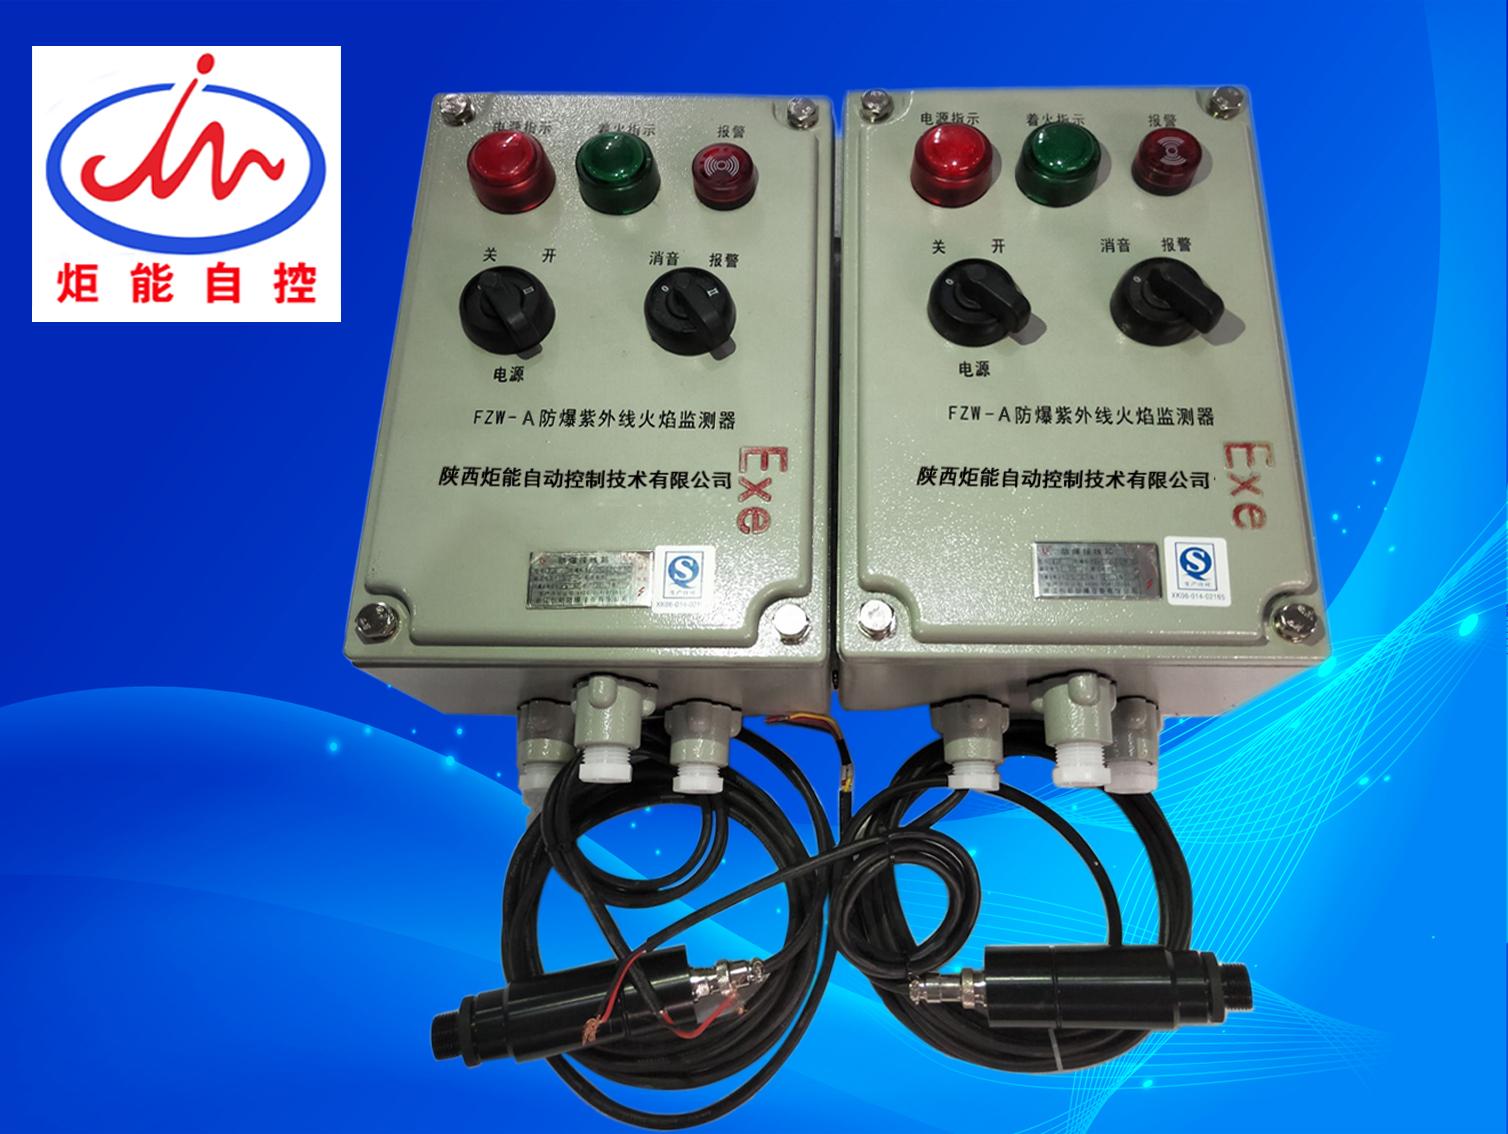 FZW-A防爆紫外线火焰检测器